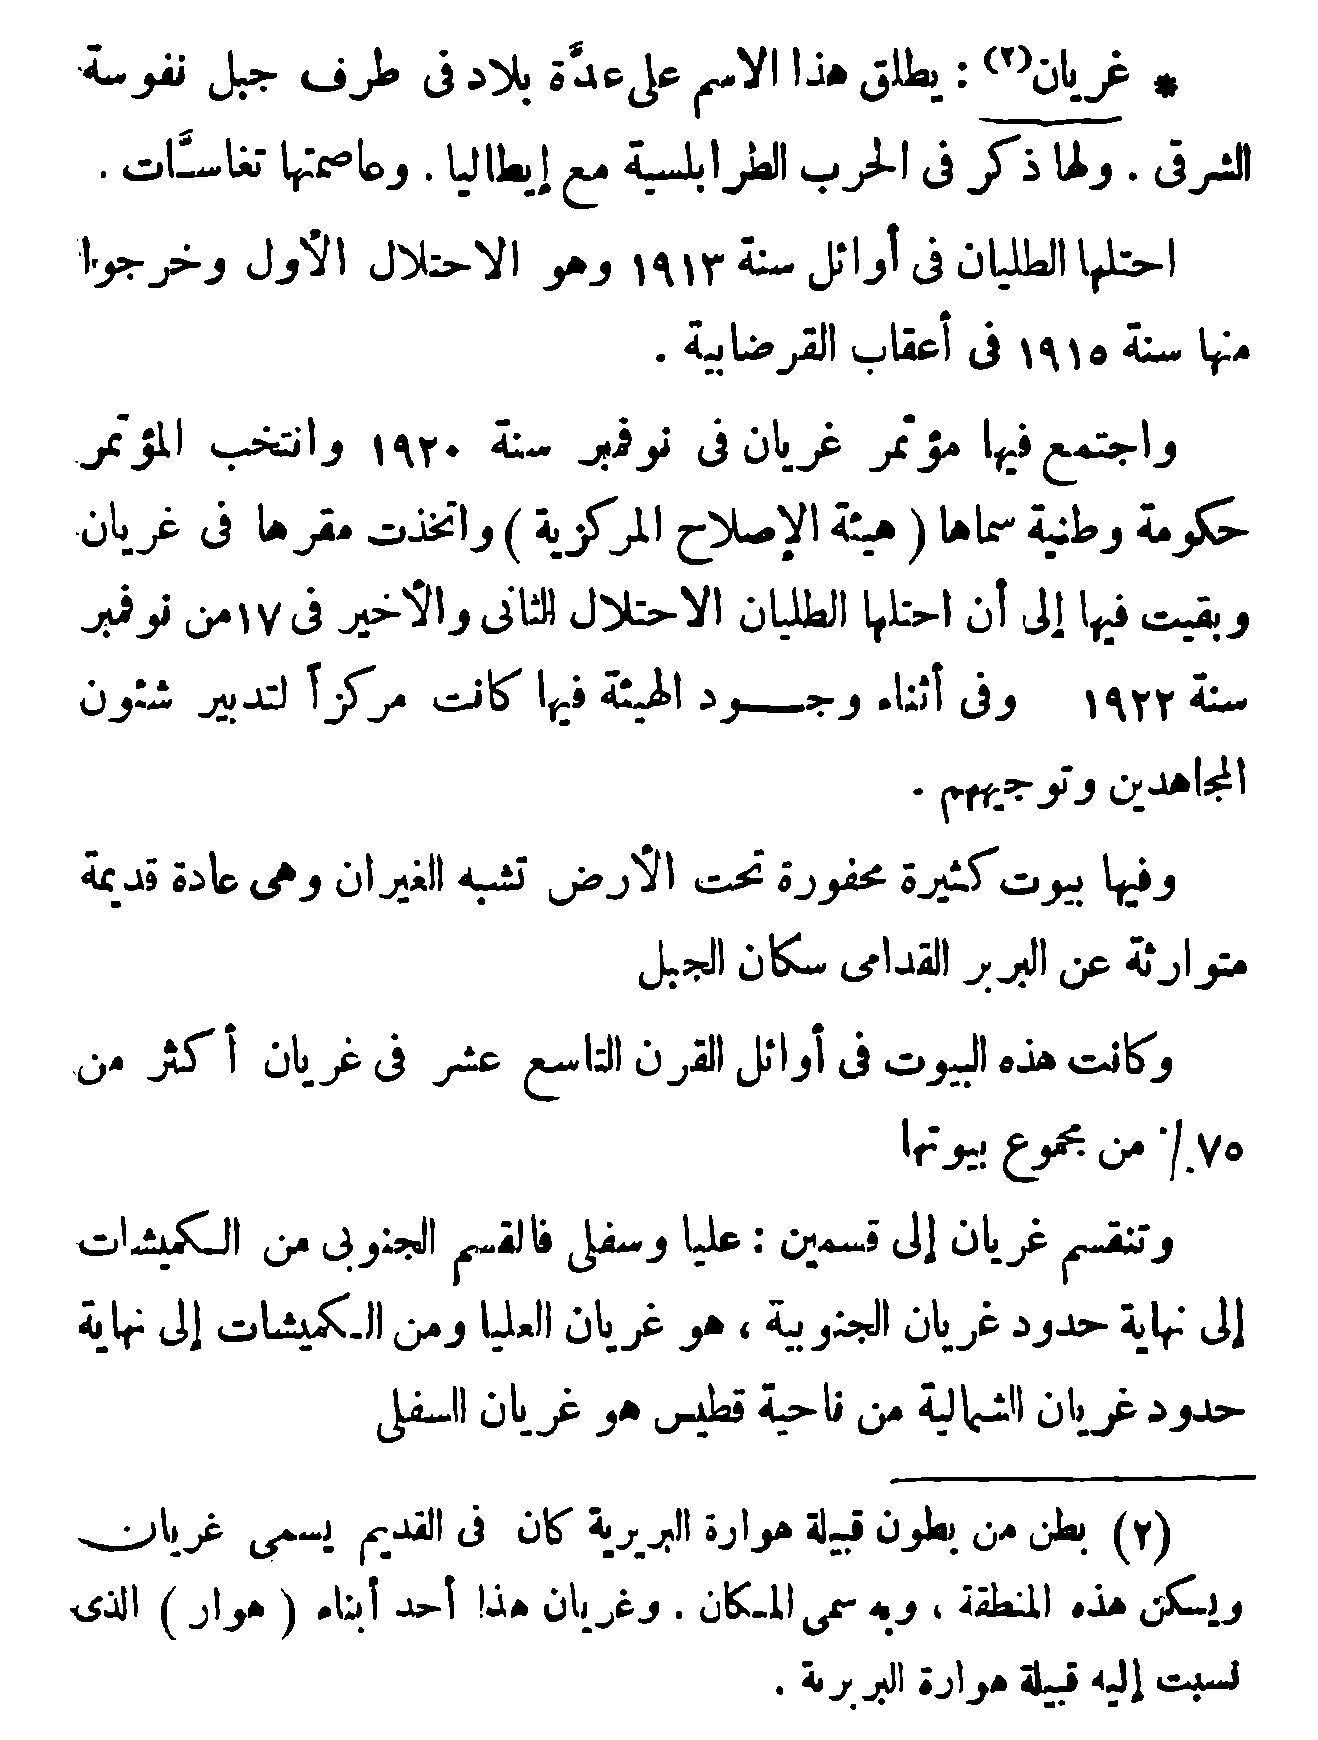 غريان معجم البلدان الليبية الطاهر الزاوي ص244